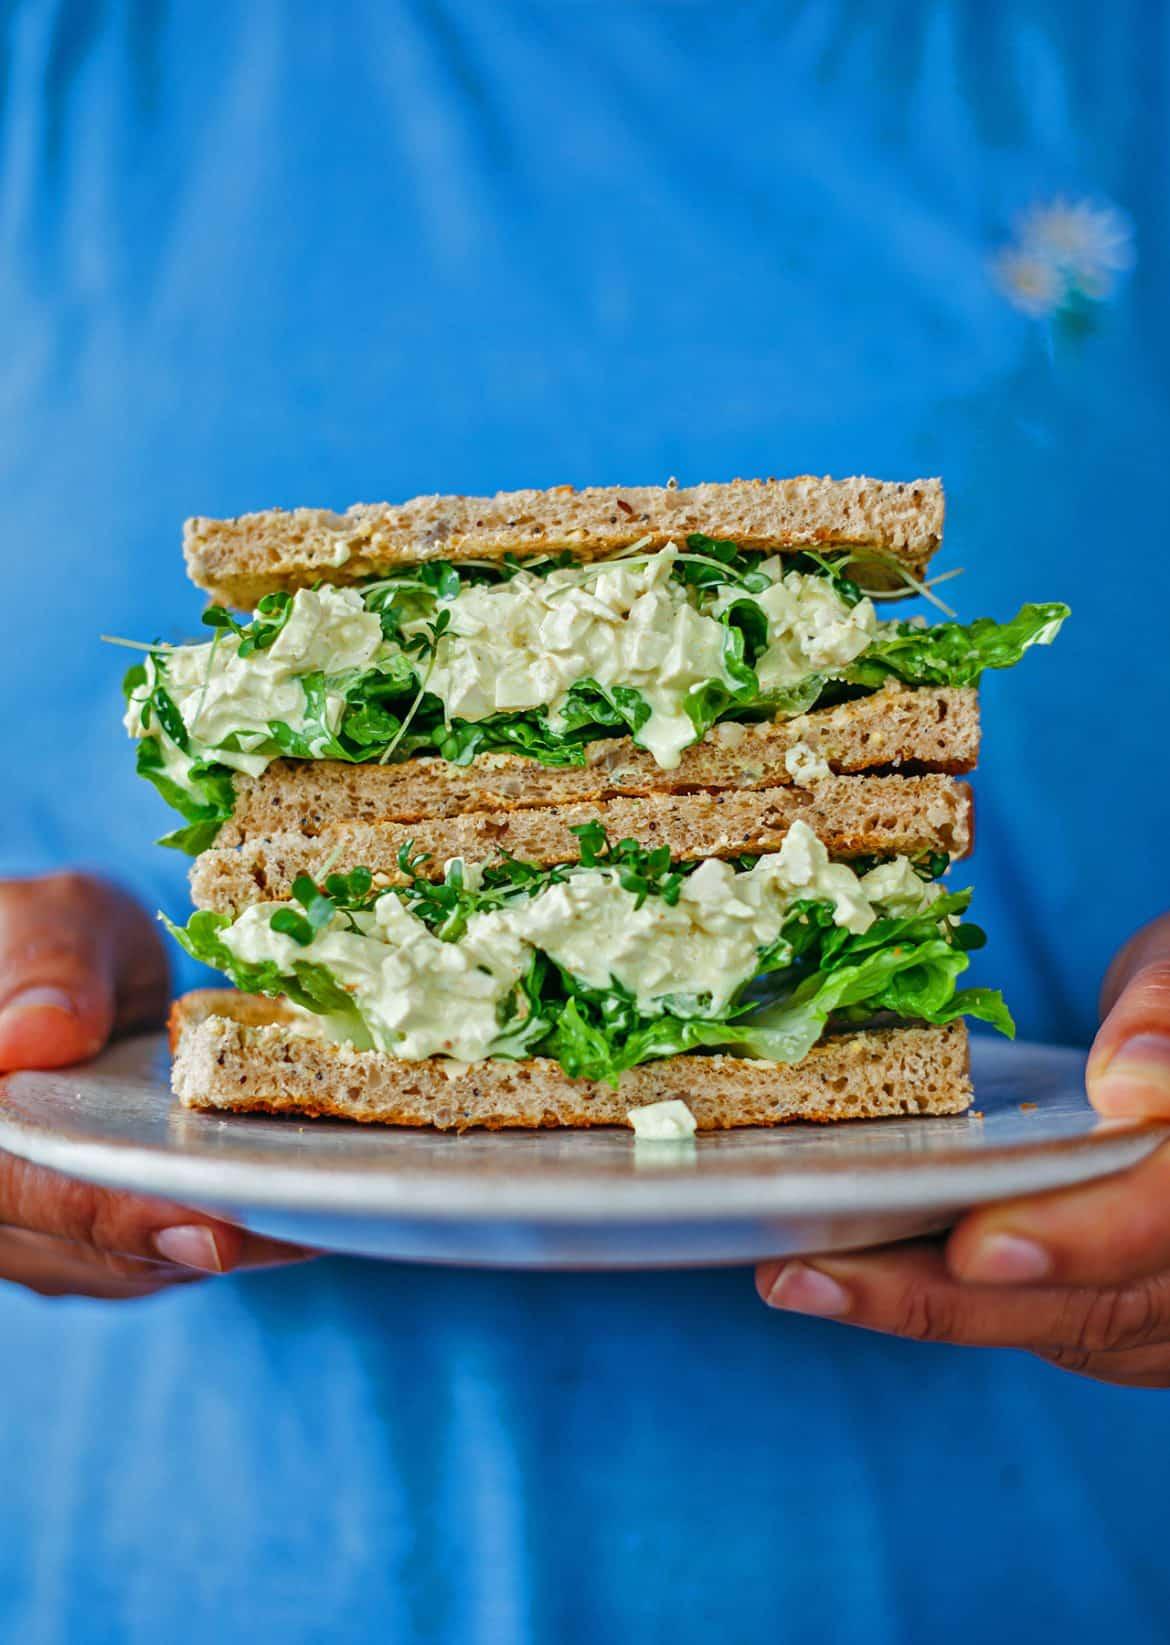 Vegan Egg Mayo Sandwich So Vegan